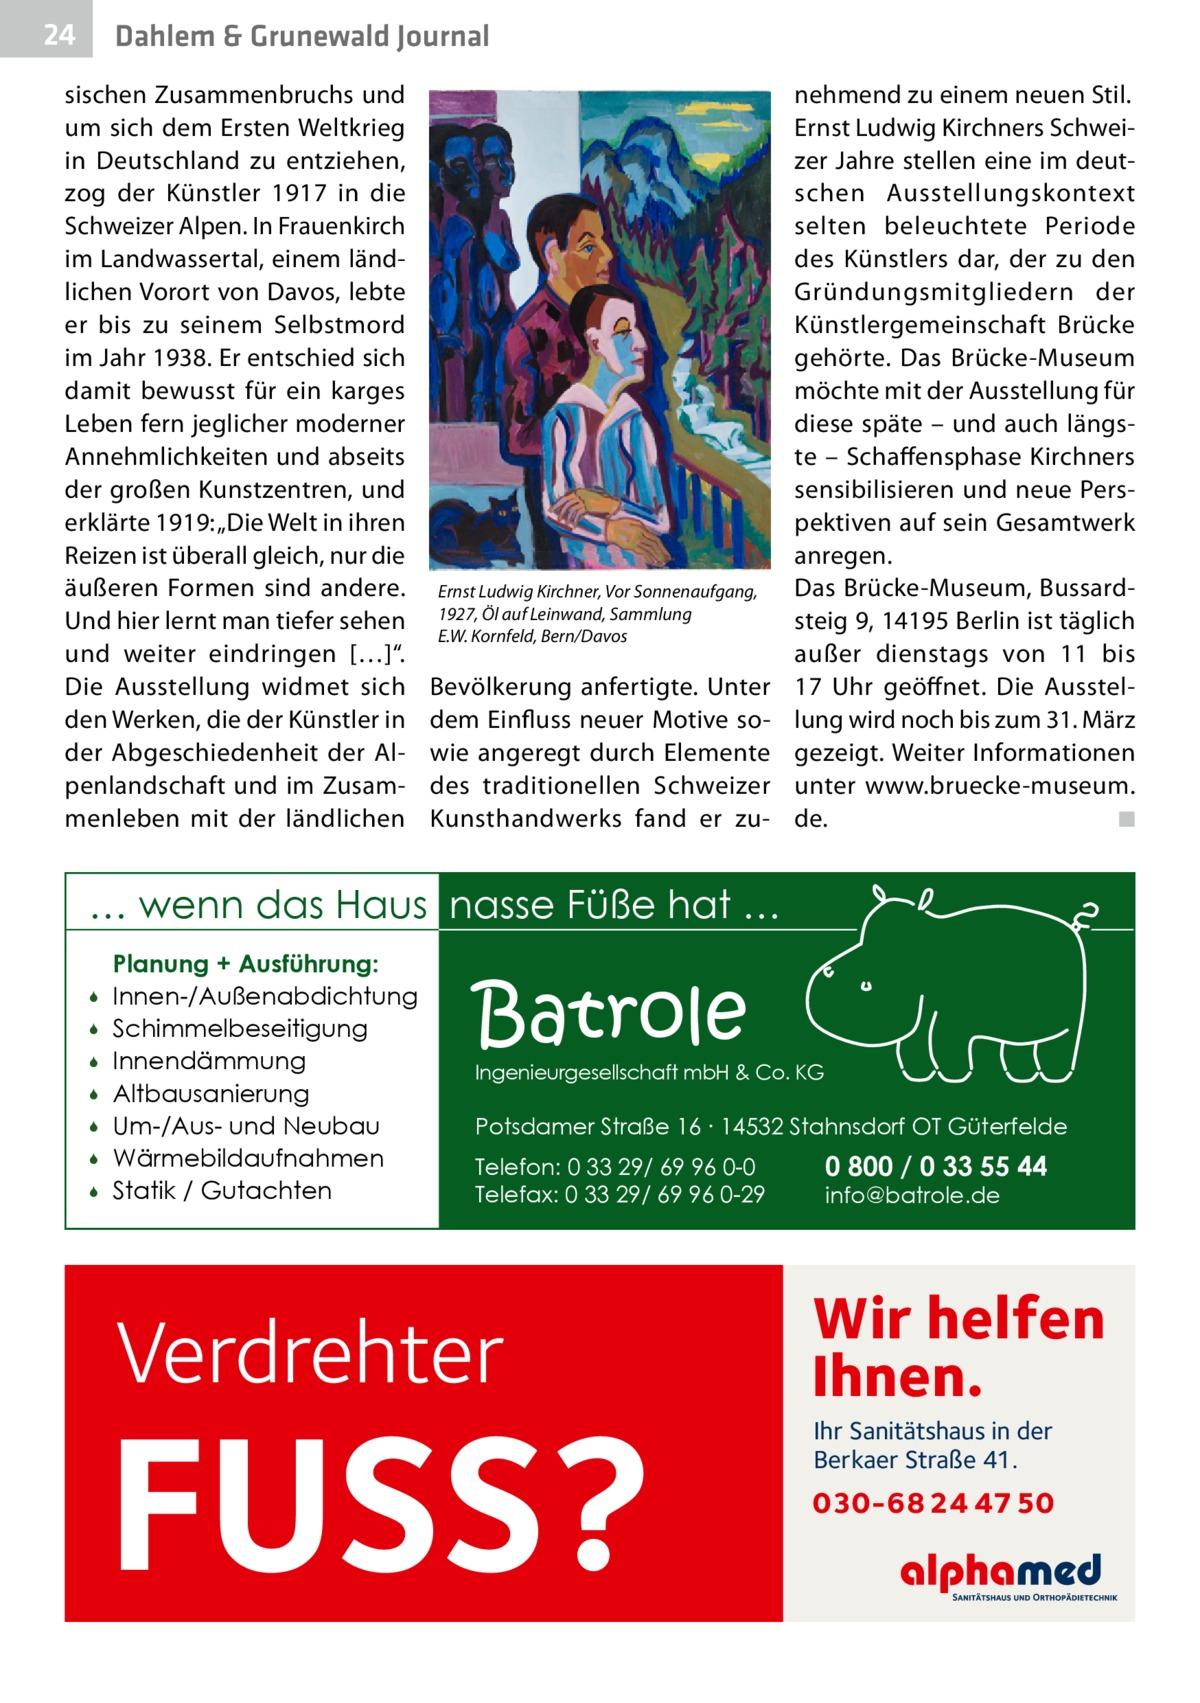 """24  Dahlem & Grunewald Journal  sischen Zusammenbruchs und um sich dem Ersten Weltkrieg in Deutschland zu entziehen, zog der Künstler 1917 in die Schweizer Alpen. In Frauenkirch im Landwassertal, einem ländlichen Vorort von Davos, lebte er bis zu seinem Selbstmord im Jahr 1938. Er entschied sich damit bewusst für ein karges Leben fern jeglicher moderner Annehmlichkeiten und abseits der großen Kunstzentren, und erklärte 1919: """"Die Welt in ihren Reizen ist überall gleich, nur die äußeren Formen sind andere. Und hier lernt man tiefer sehen und weiter eindringen […]"""". Die Ausstellung widmet sich den Werken, die der Künstler in der Abgeschiedenheit der Alpenlandschaft und im Zusammenleben mit der ländlichen  Ernst Ludwig Kirchner, Vor Sonnenaufgang, 1927, Öl auf Leinwand, Sammlung E.W.Kornfeld, Bern/Davos  Bevölkerung anfertigte. Unter dem Einfluss neuer Motive sowie angeregt durch Elemente des traditionellen Schweizer Kunsthandwerks fand er zu nehmend zu einem neuen Stil. Ernst Ludwig Kirchners Schweizer Jahre stellen eine im deutschen Ausstellungskontext selten beleuchtete Periode des Künstlers dar, der zu den Gründungsmitgliedern der Künstlergemeinschaft Brücke gehörte. Das Brücke-Museum möchte mit der Ausstellung für diese späte – und auch längste – Schaffensphase Kirchners sensibilisieren und neue Perspektiven auf sein Gesamtwerk anregen. Das Brücke-Museum, Bussardsteig9, 14195Berlin ist täglich außer dienstags von 11 bis 17 Uhr geöffnet. Die Ausstellung wird noch bis zum 31.März gezeigt. Weiter Informationen unter www.bruecke-museum. de. � ◾  … wenn das Haus nasse Füße hat …         Planung + Ausführung: Innen-/Außenabdichtung Schimmelbeseitigung Innendämmung Altbausanierung Um-/Aus- und Neubau Wärmebildaufnahmen Statik / Gutachten  Batrole  Ingenieurgesellschaft mbH & Co. KG  Potsdamer Straße 16 ∙ 14532 Stahnsdorf OT Güterfelde Telefon: 0 33 29/ 69 96 0-0 Telefax: 0 33 29/ 69 96 0-29  Verdrehter  FUSS?  0 800 / 0 33 55 44 info@batrole.de  Wir helfen Ihnen. Ihr San"""